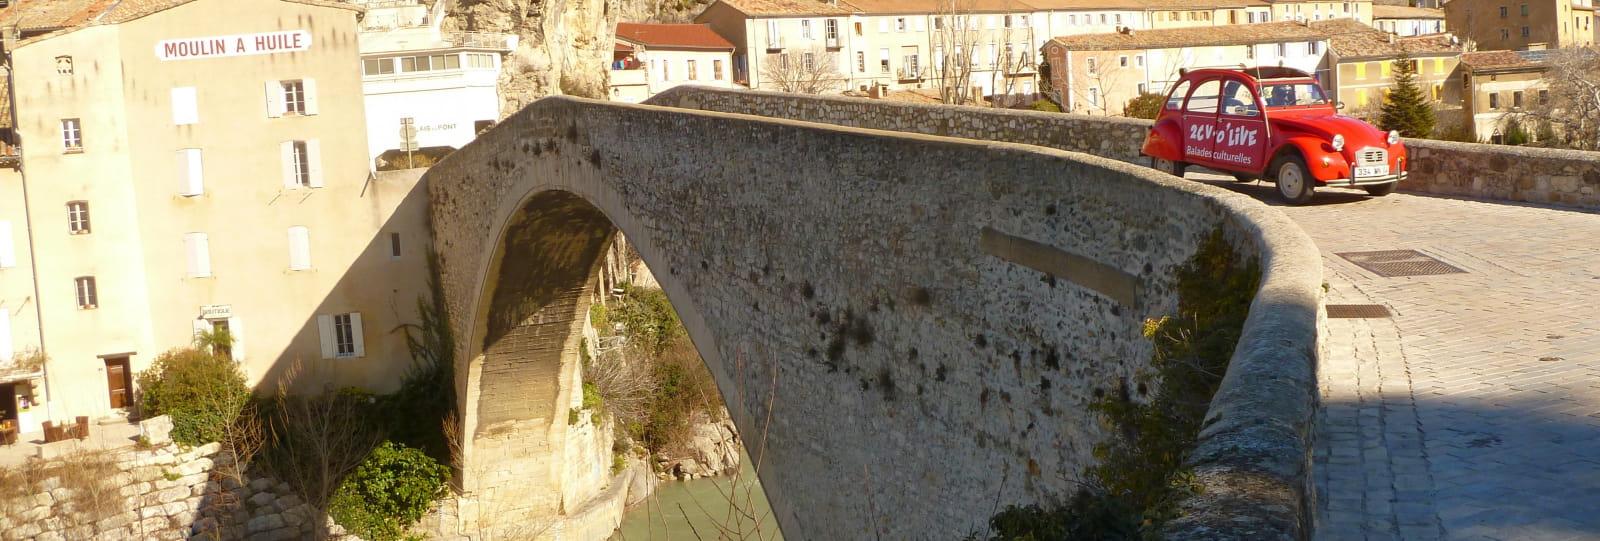 Kulturele uitstap in tweepaardje : Garde-Grosse panorama